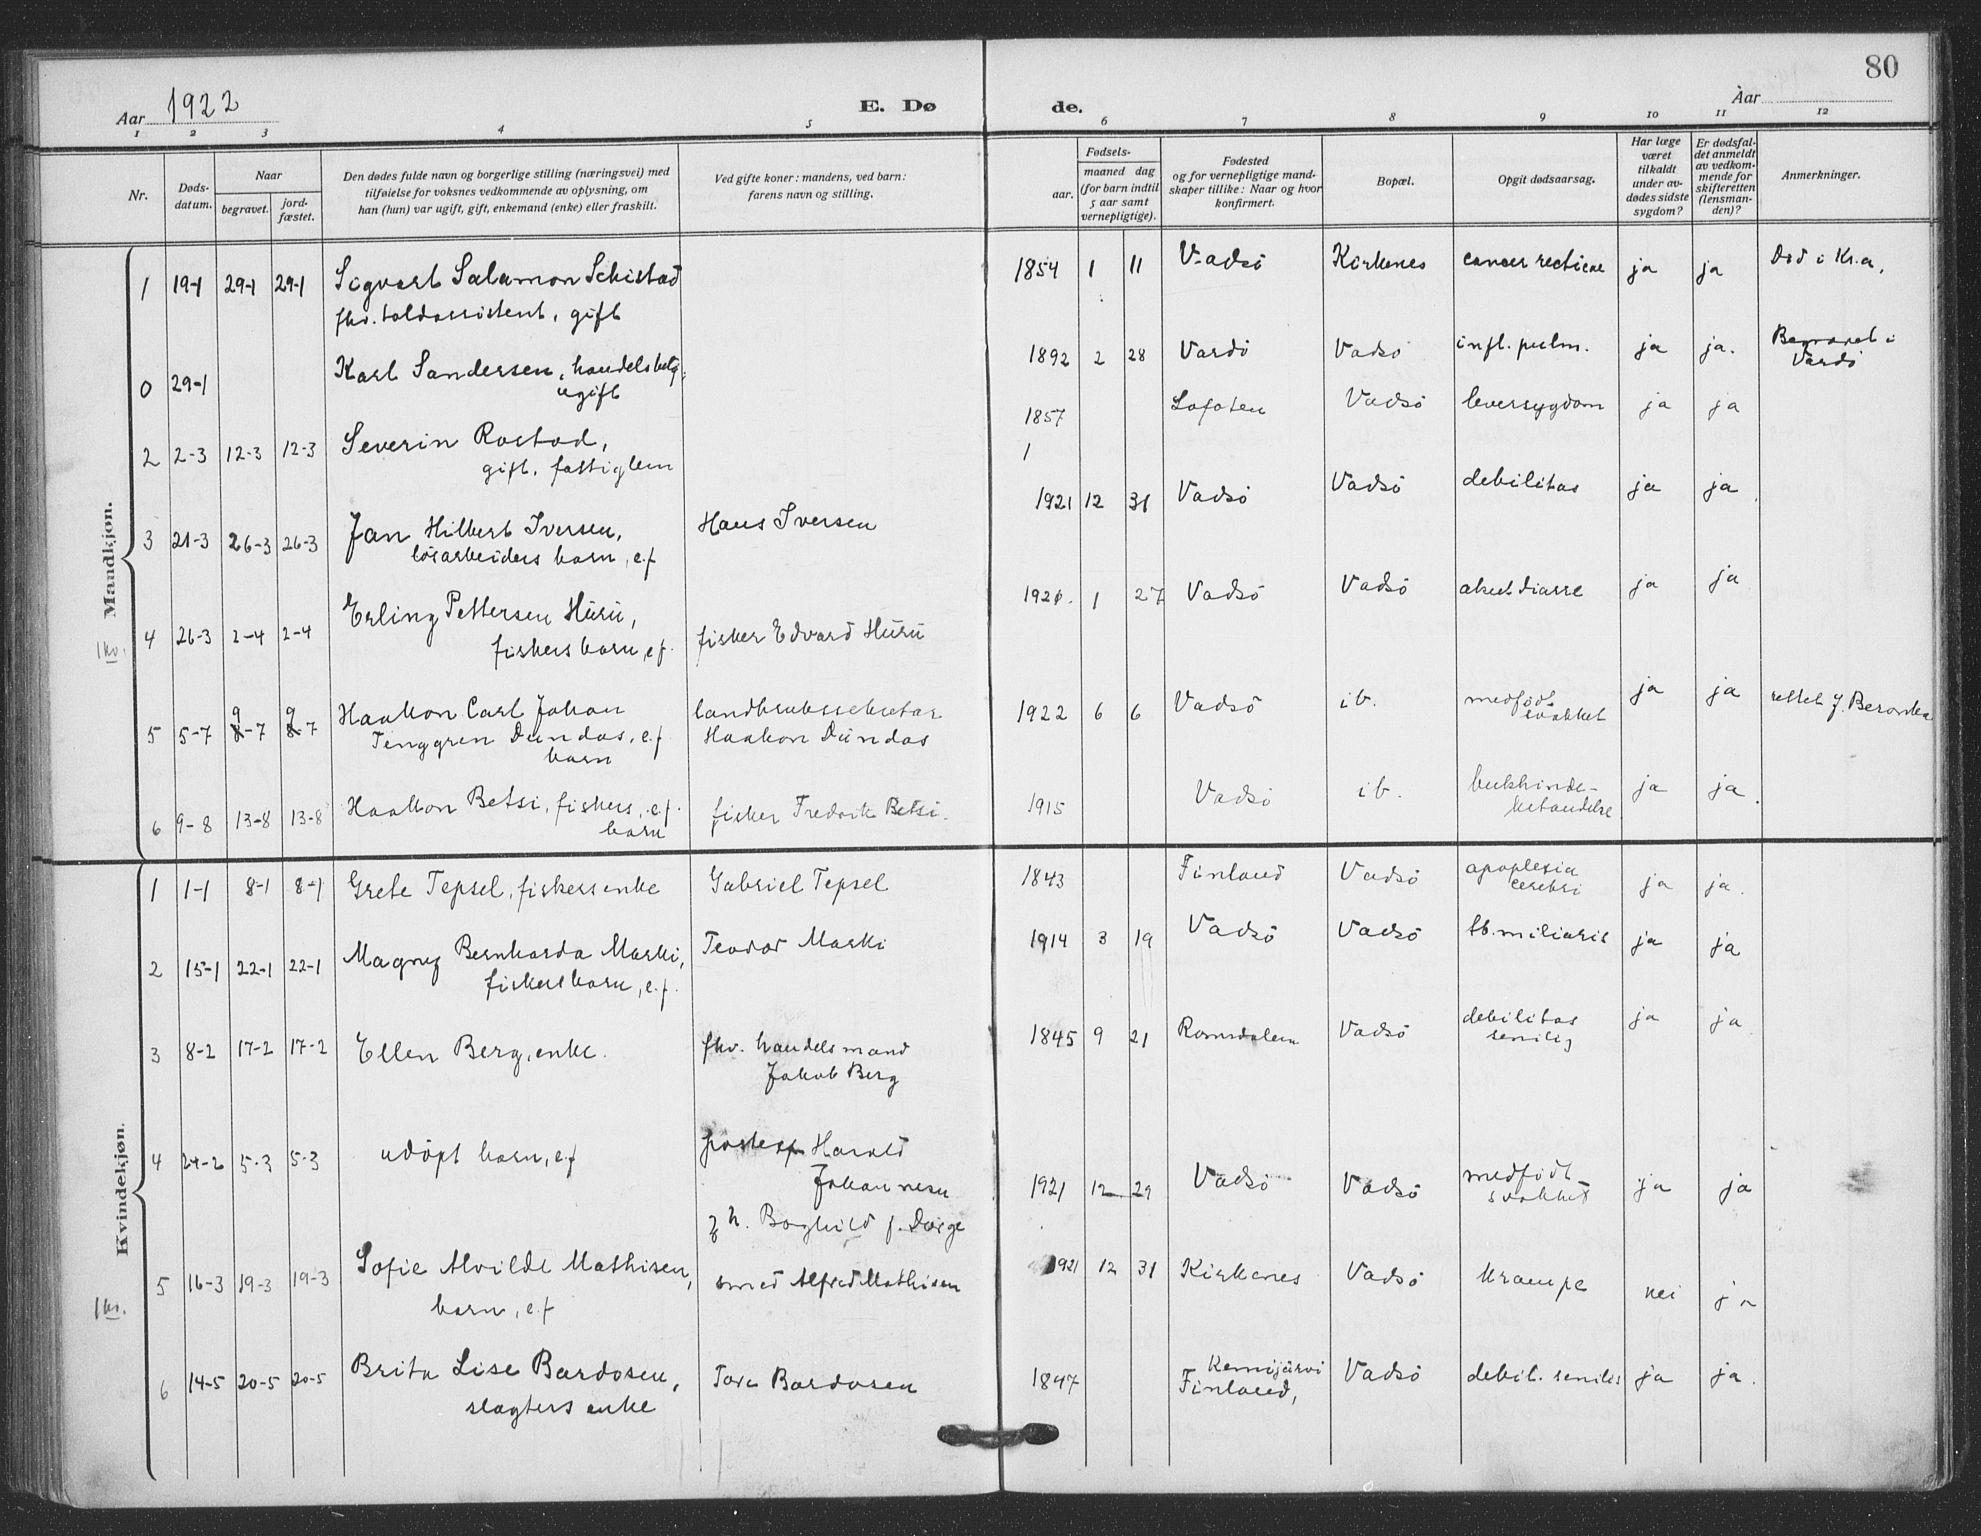 SATØ, Vadsø sokneprestkontor, H/Ha/L0008kirke: Ministerialbok nr. 8, 1912-1930, s. 80